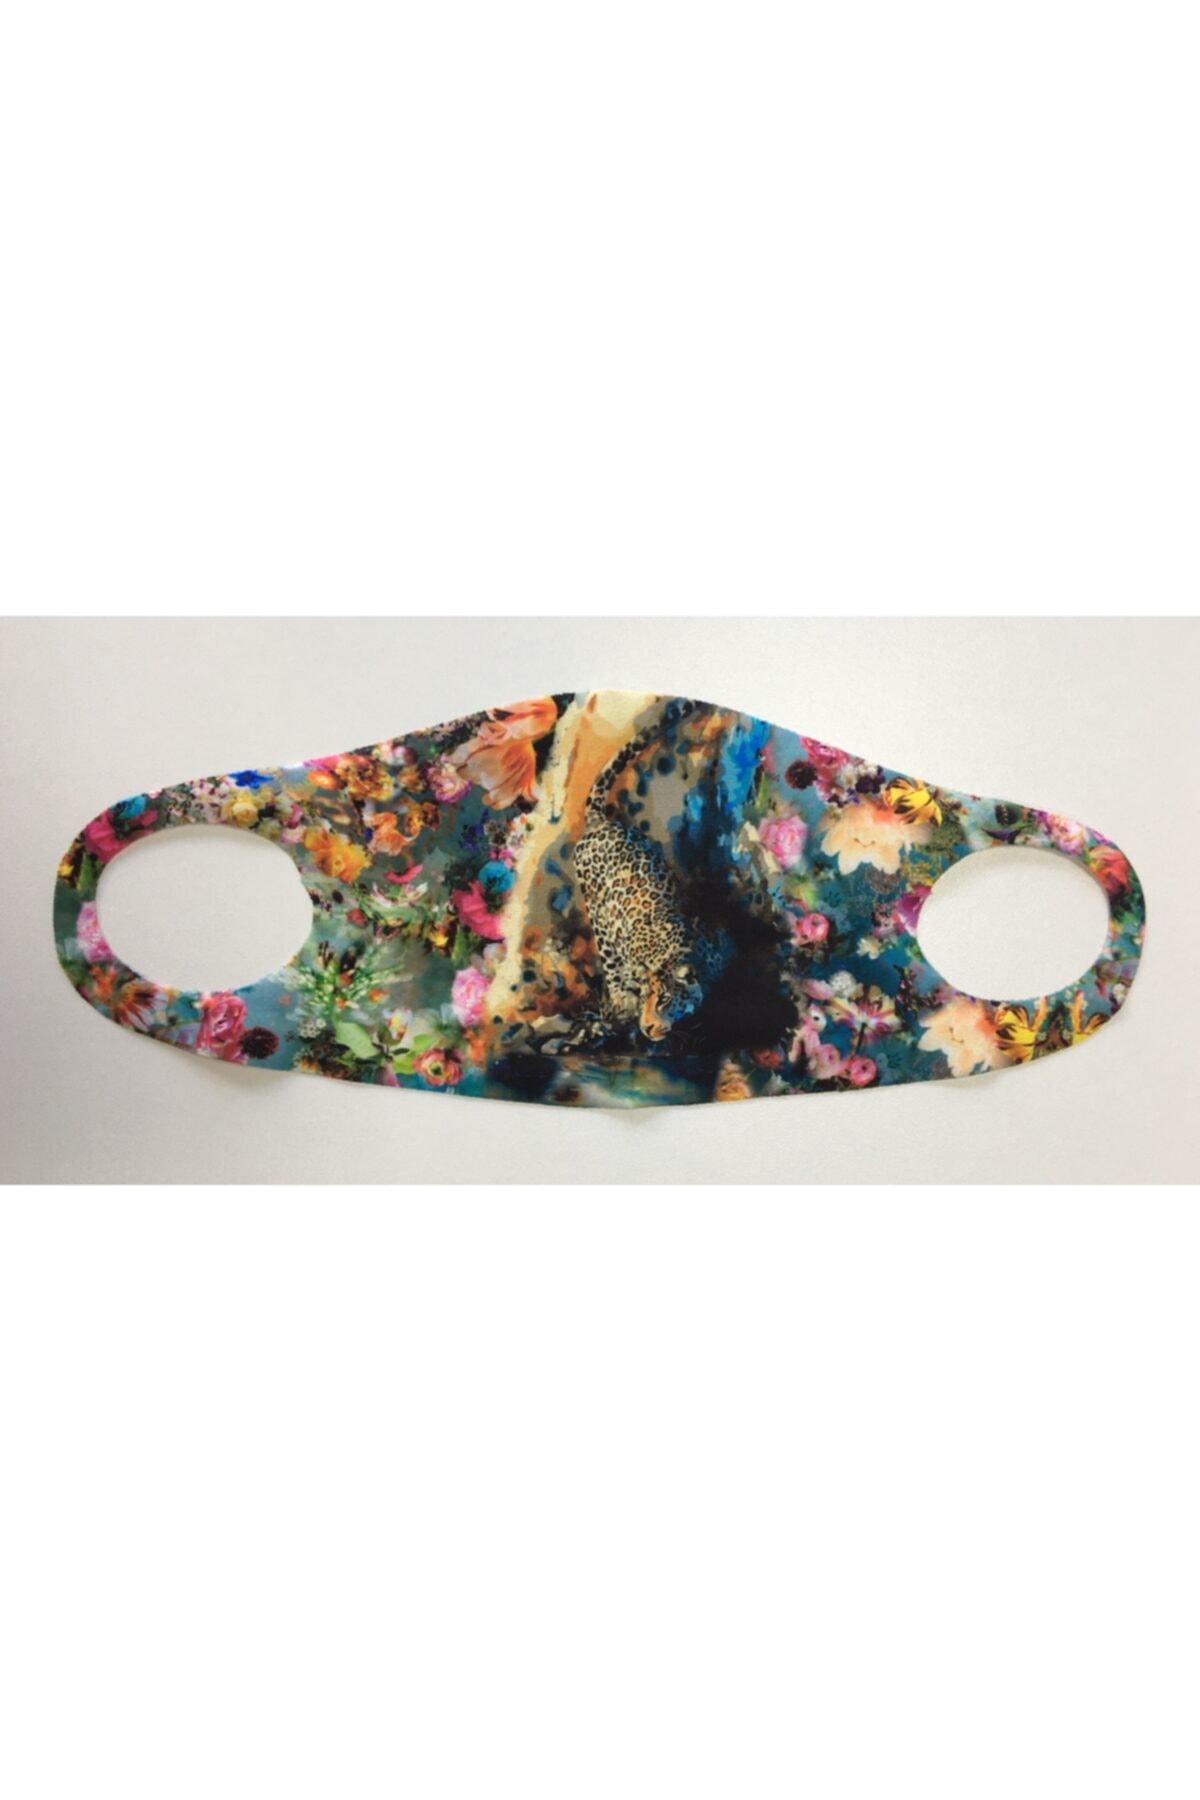 WANNA Yıkanabilir, Baskılı, Dikişsiz Kumaş Maske 1